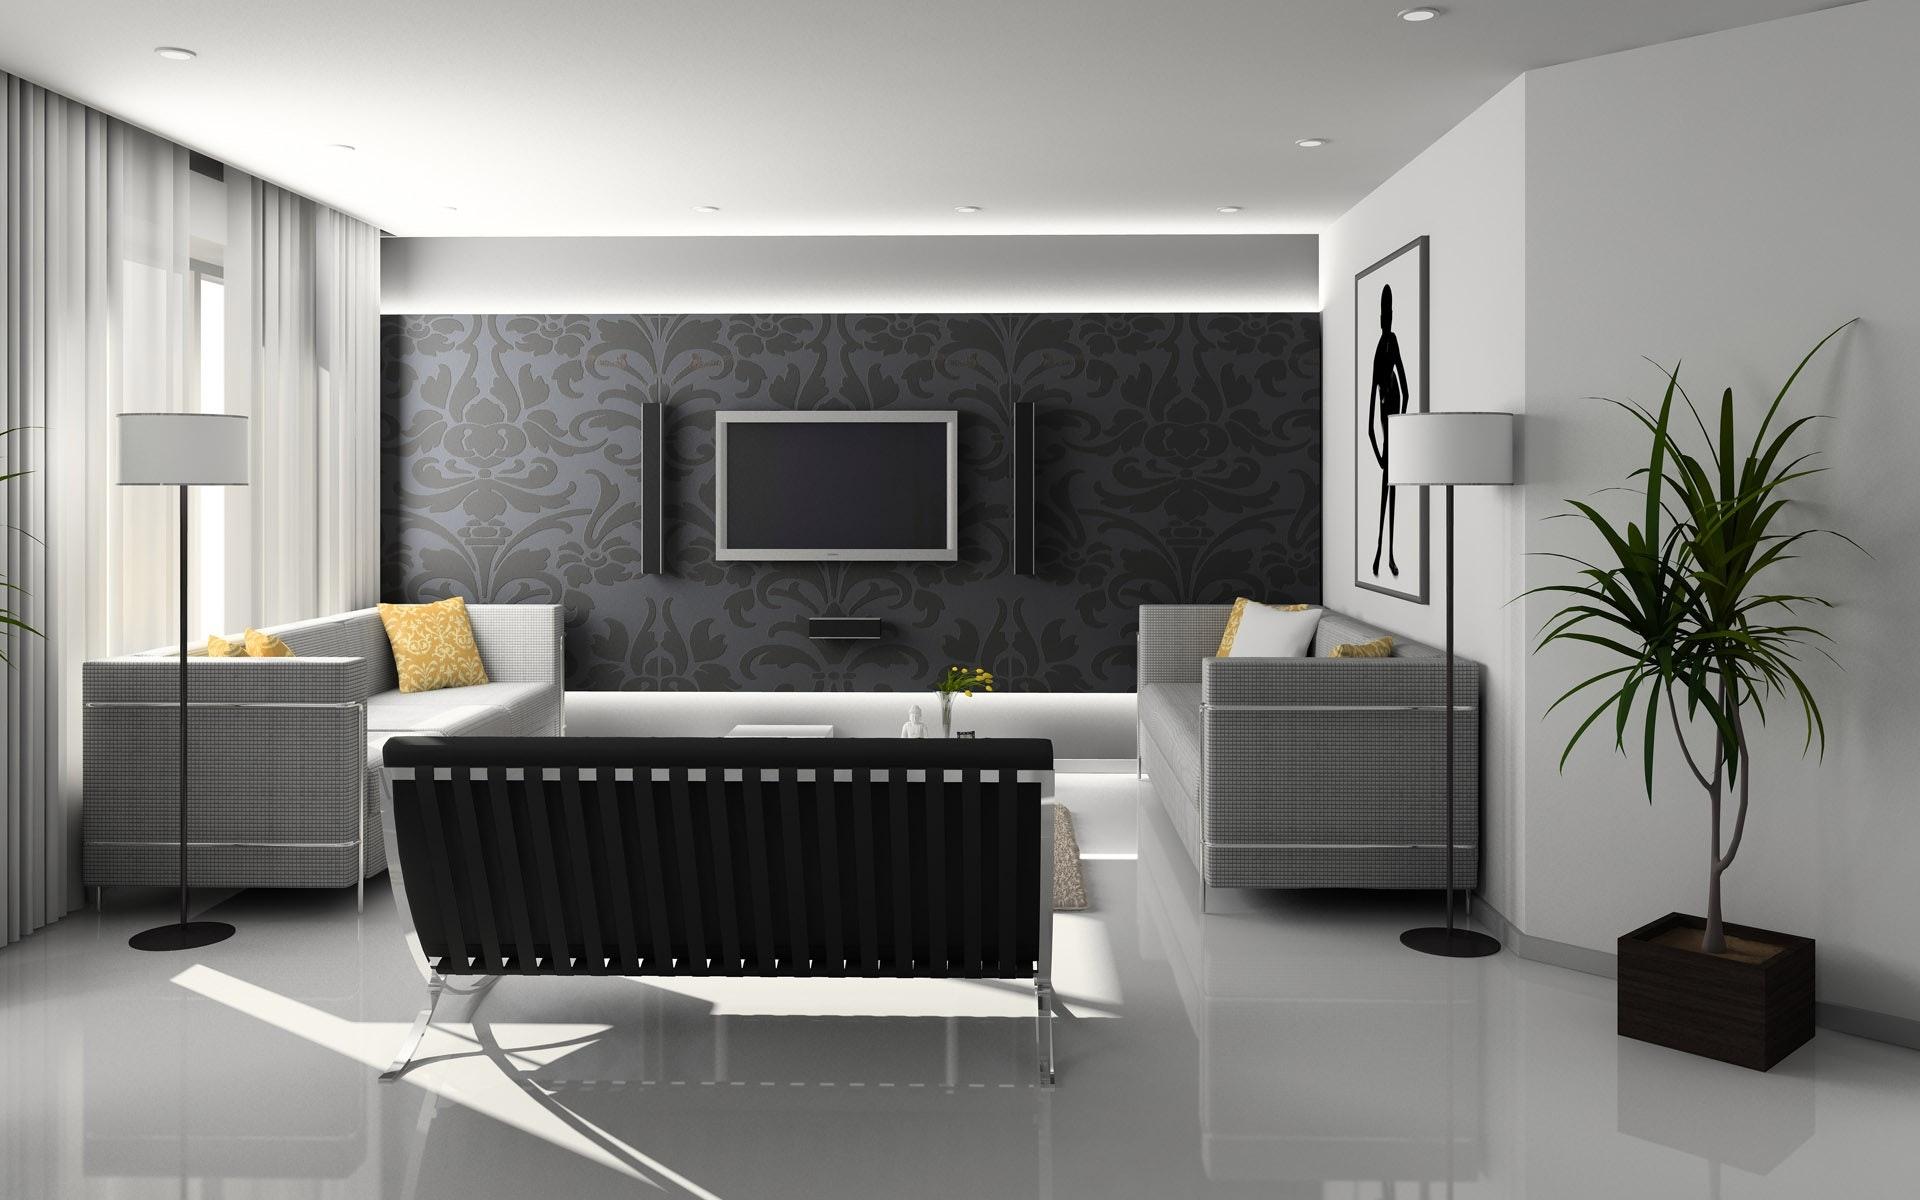 1000 engaging interior design photos pexels free stock photos rh pexels com interior design pictures in nigeria interior design pictures of living rooms